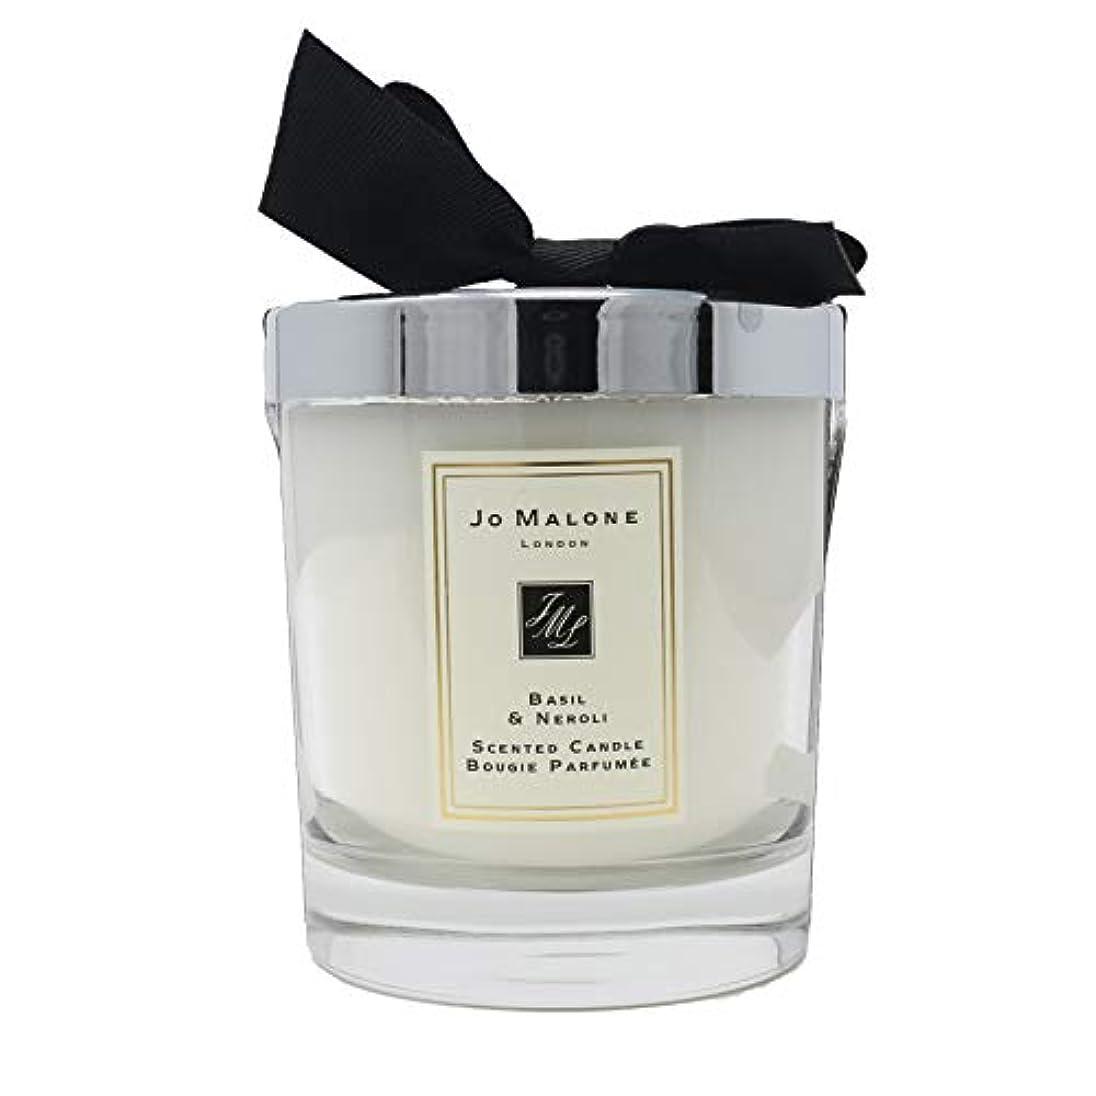 神秘円形ホールJo Malone Basil &ネロリScented Candle 200 g ( 2.5インチ)